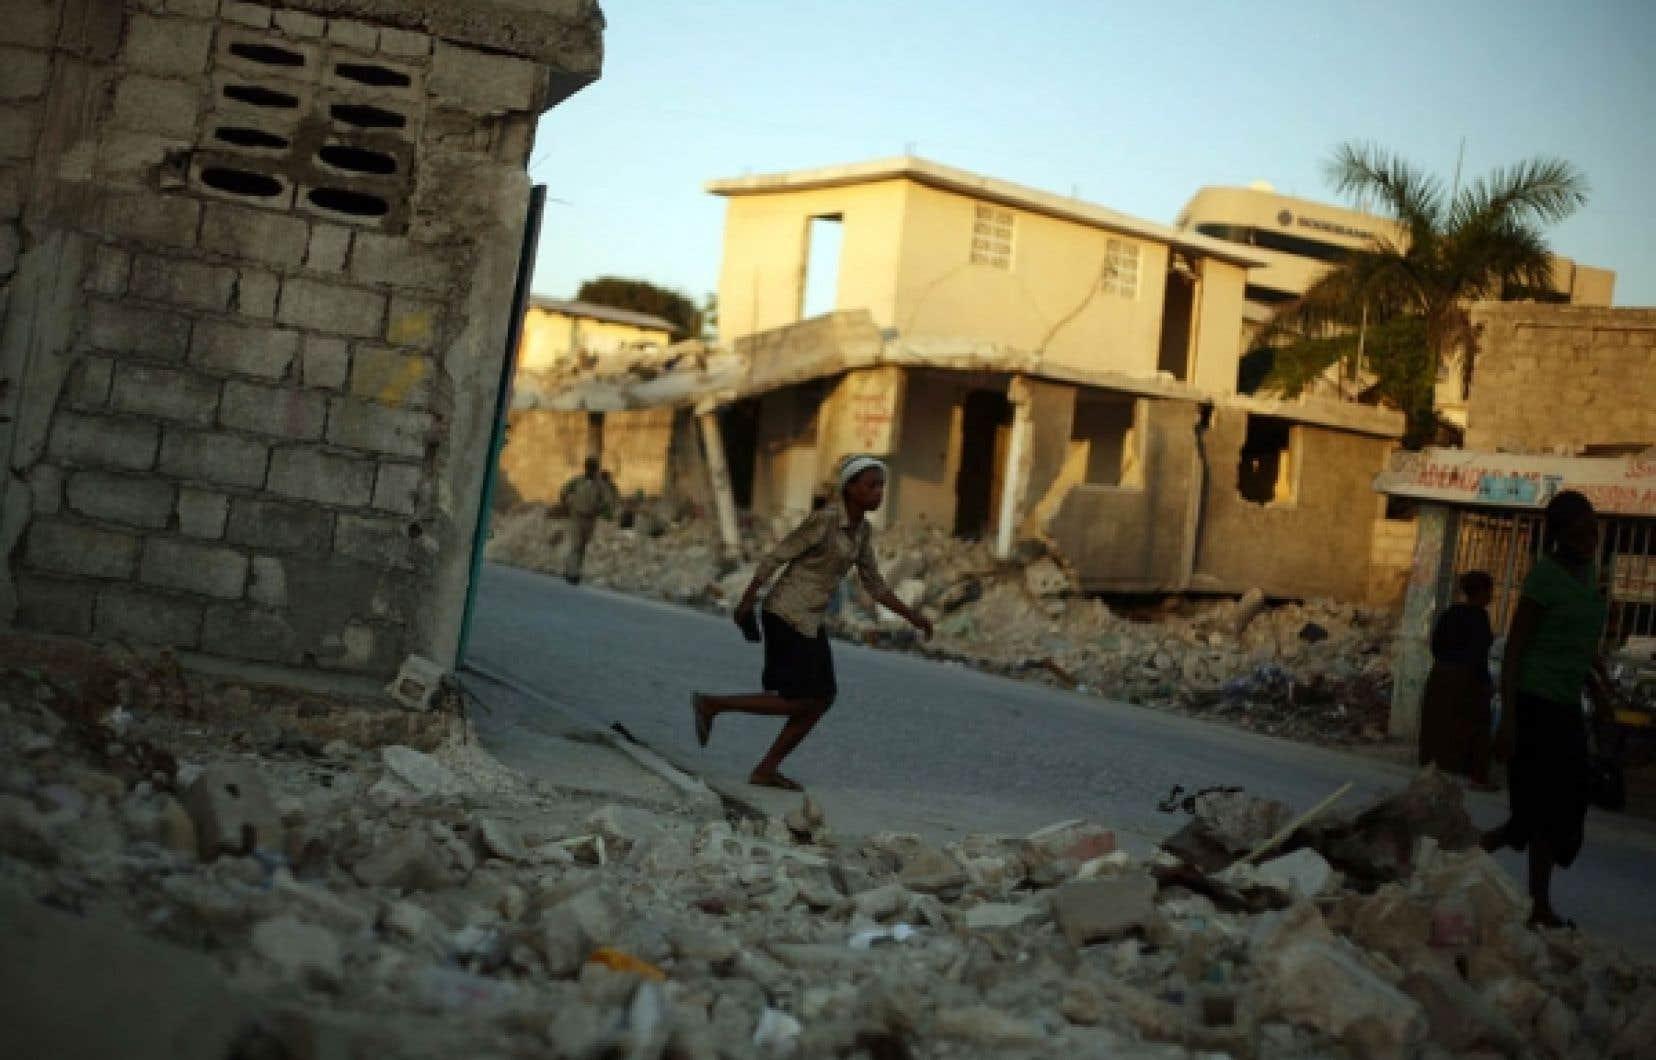 L'ACDI a invité Développement et Paix à se concentrer sur sept pays, dont Haïti, qui peine toujours à se relever du séisme de janvier 2010.